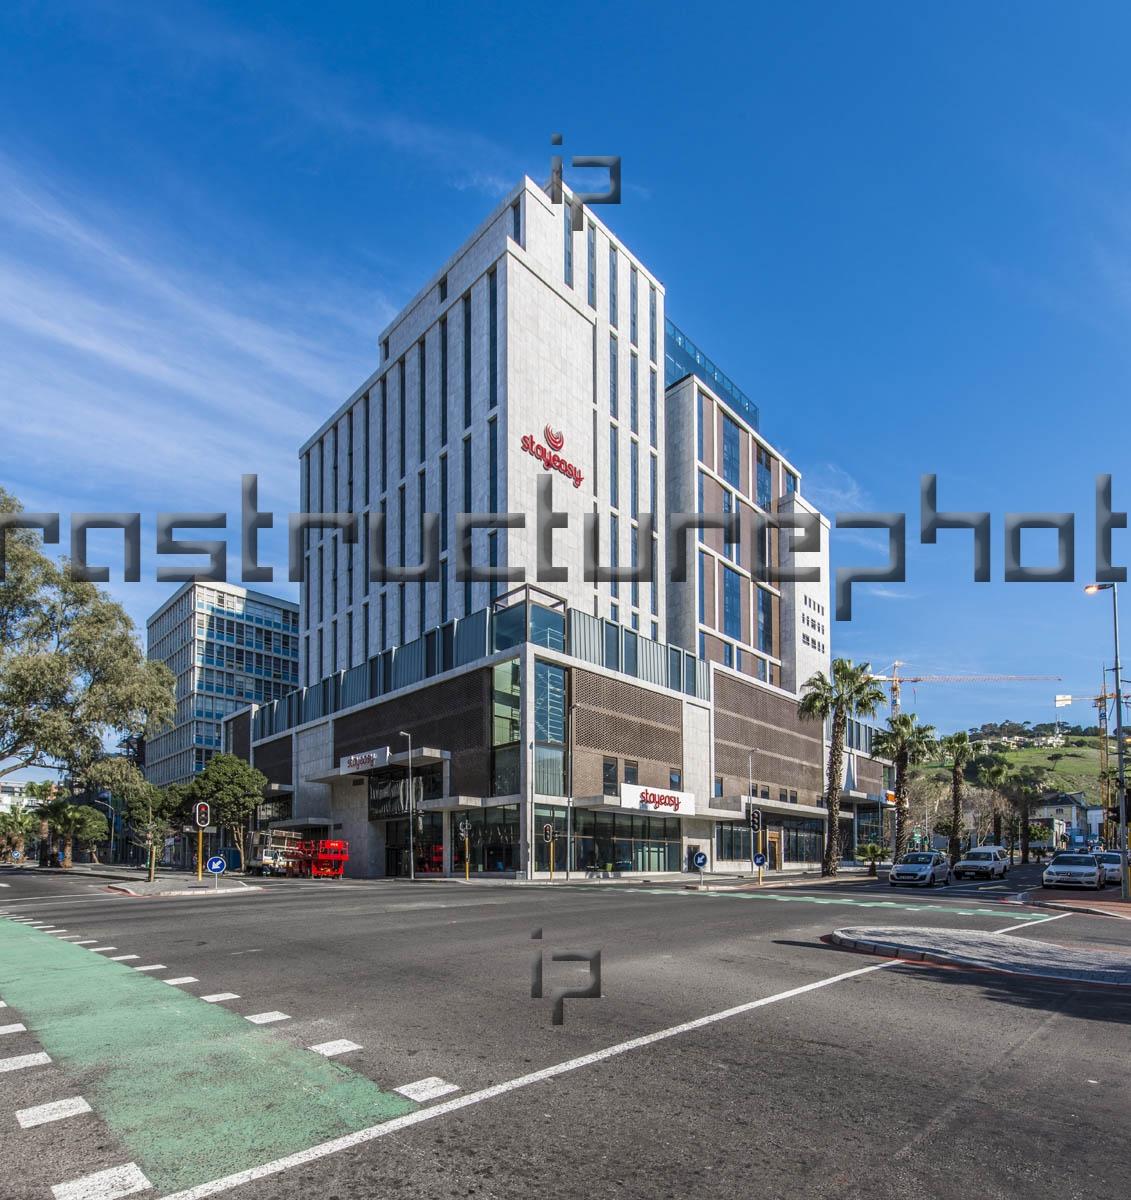 Sunsquare - Strand Street